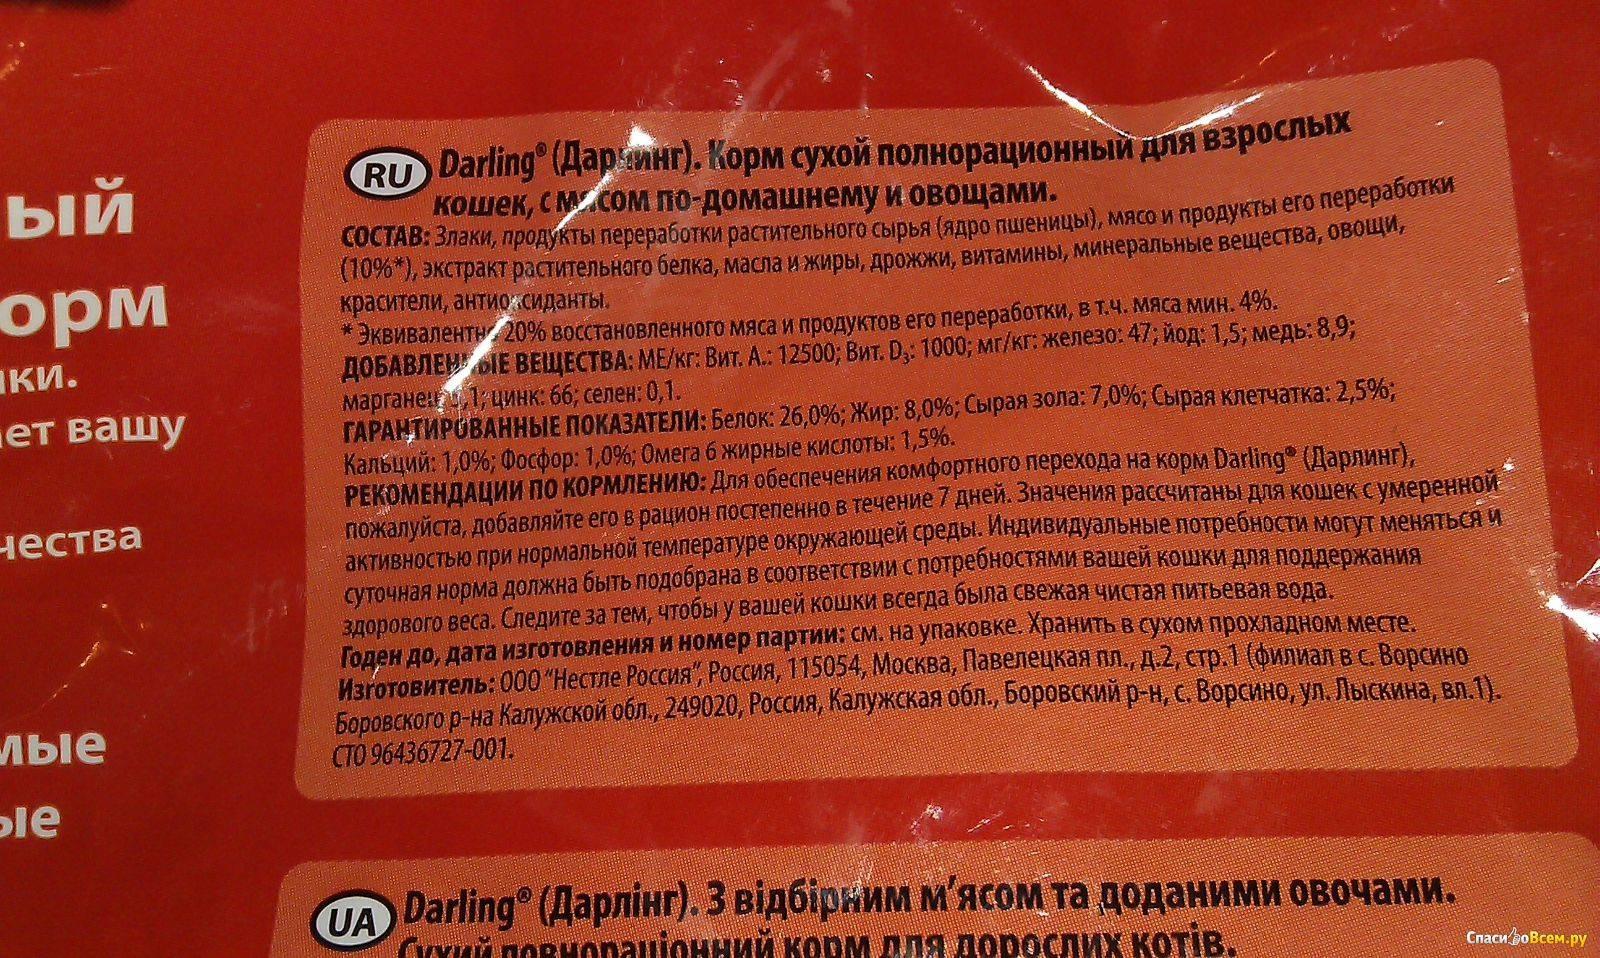 """Корм для котов purina """"darling"""" - отзывы на i-otzovik.ru"""